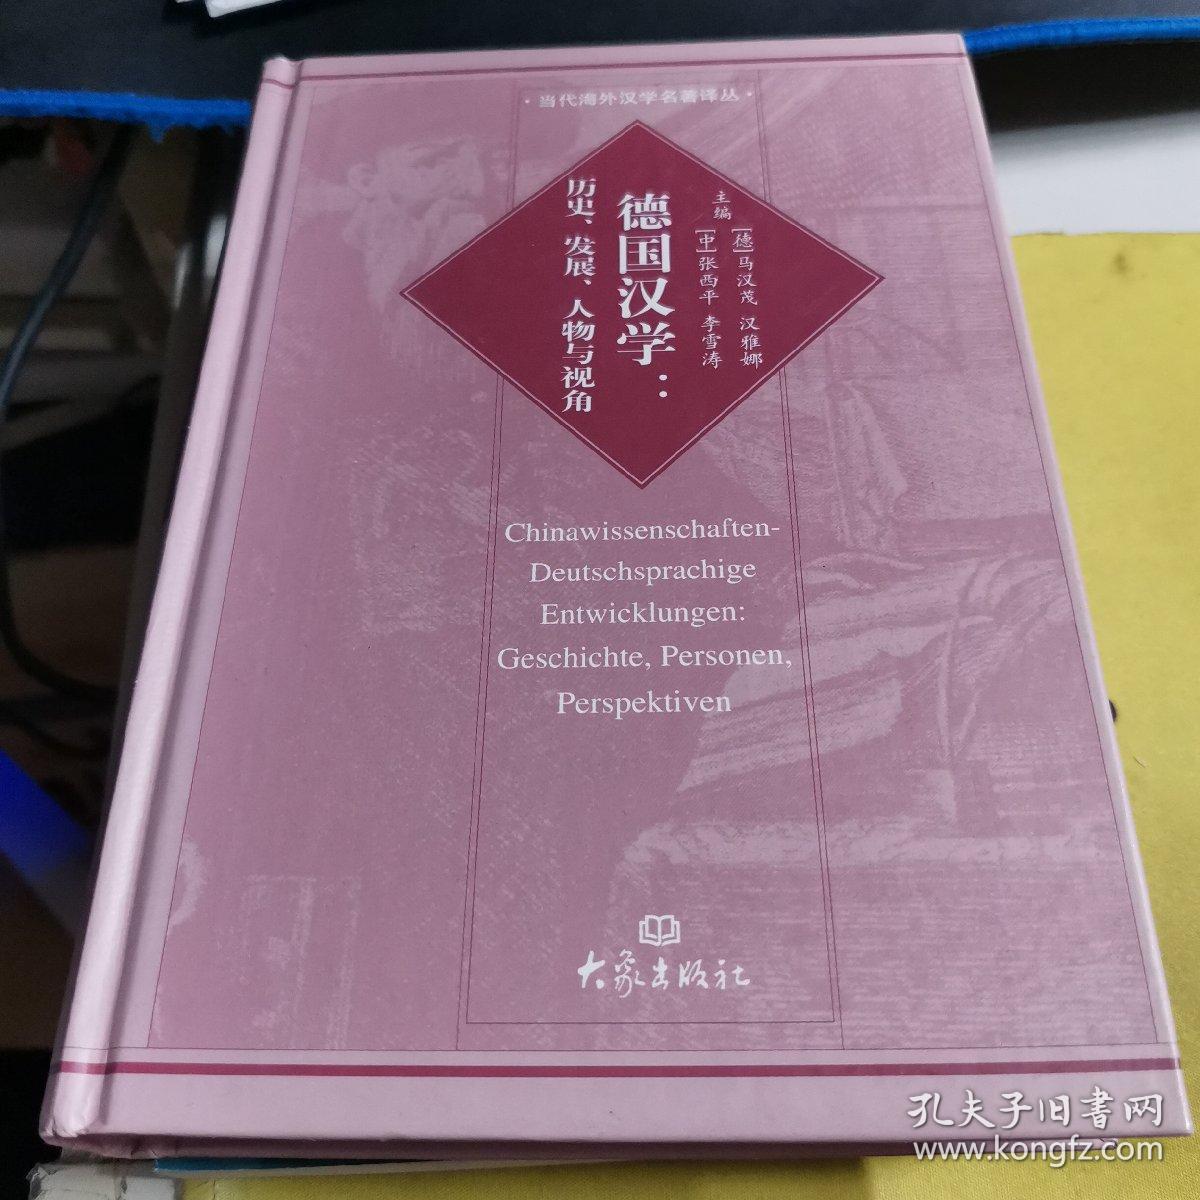 德国汉学:历史.发展.人物与视角